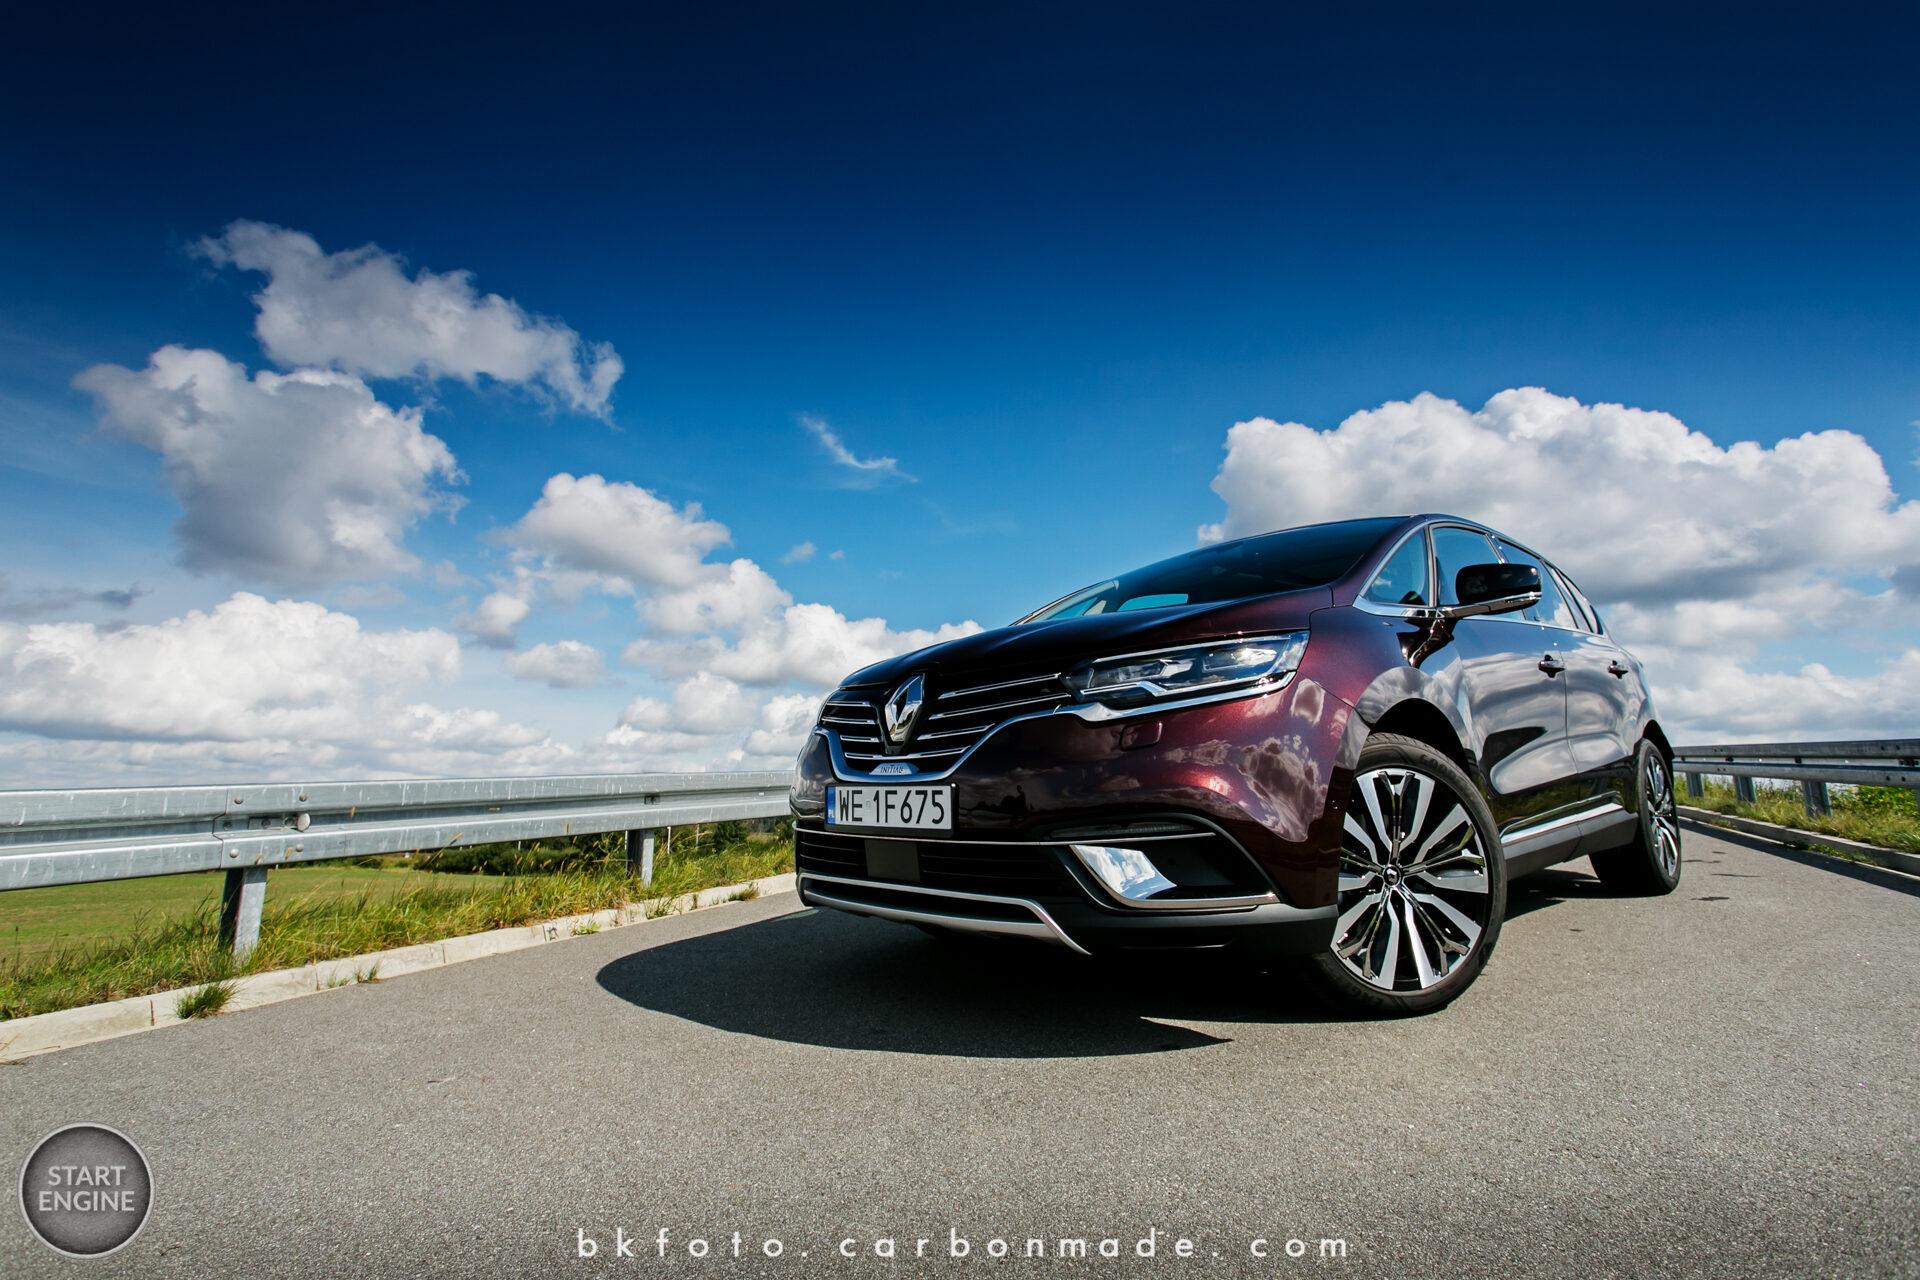 Renault Espace Initiale Paris 1.8 TCe 225 KM EDC (2020)